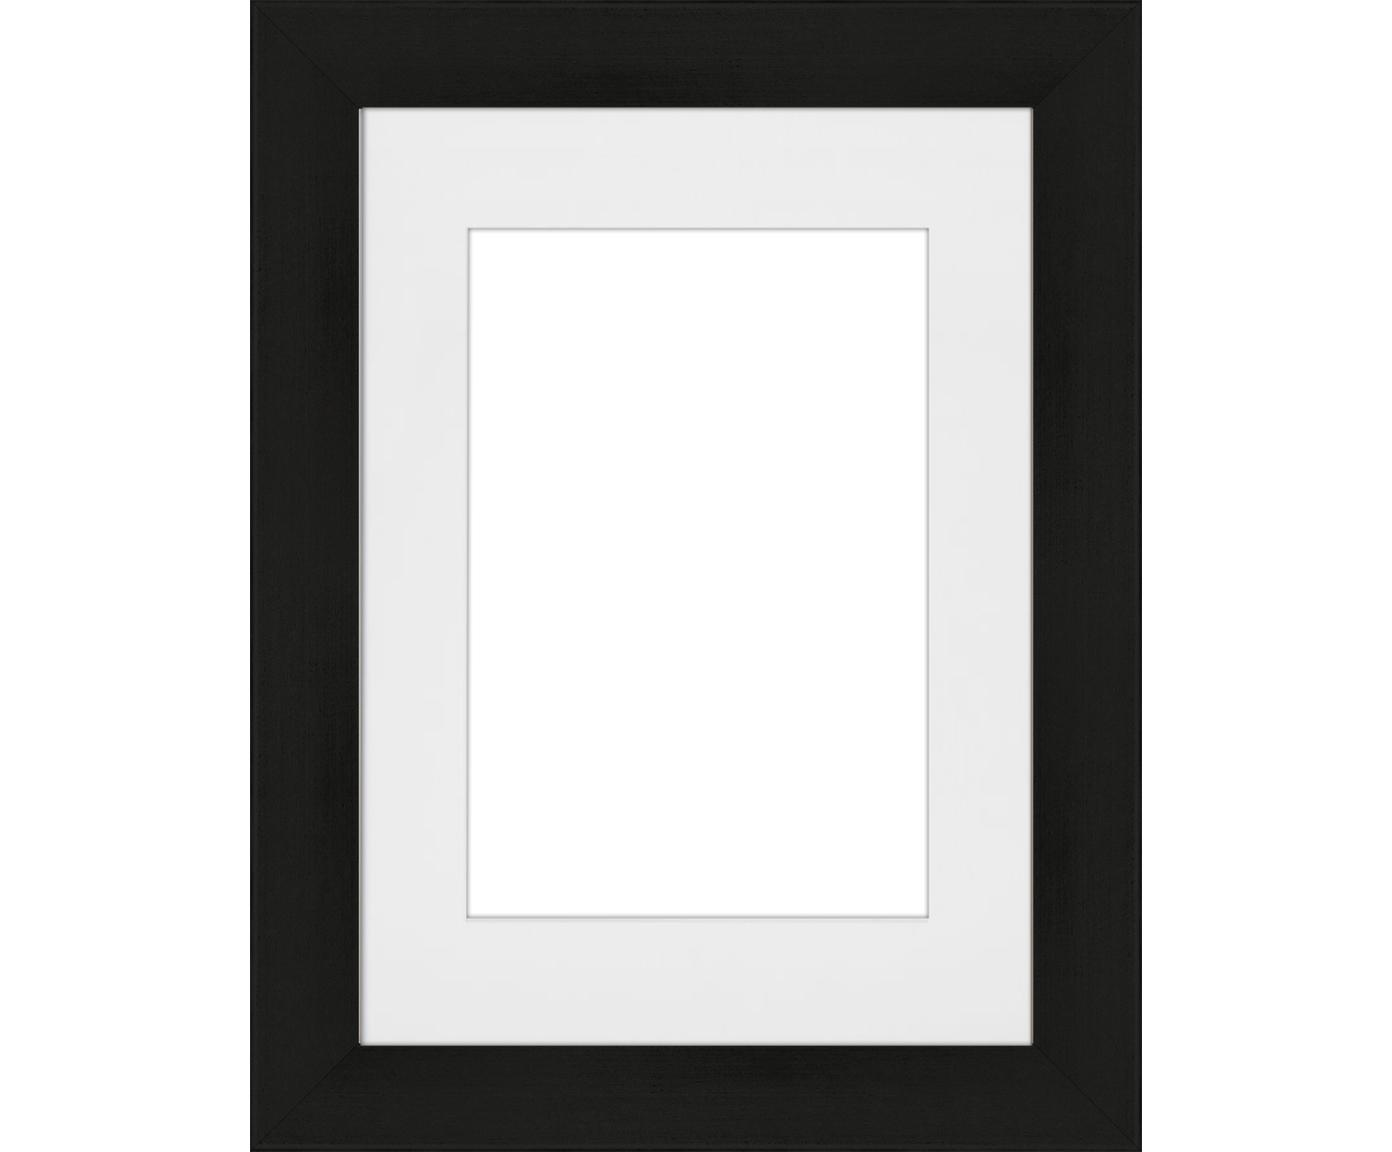 Ramka na zdjęcia Apollo, Czarny, 18 x 24 cm